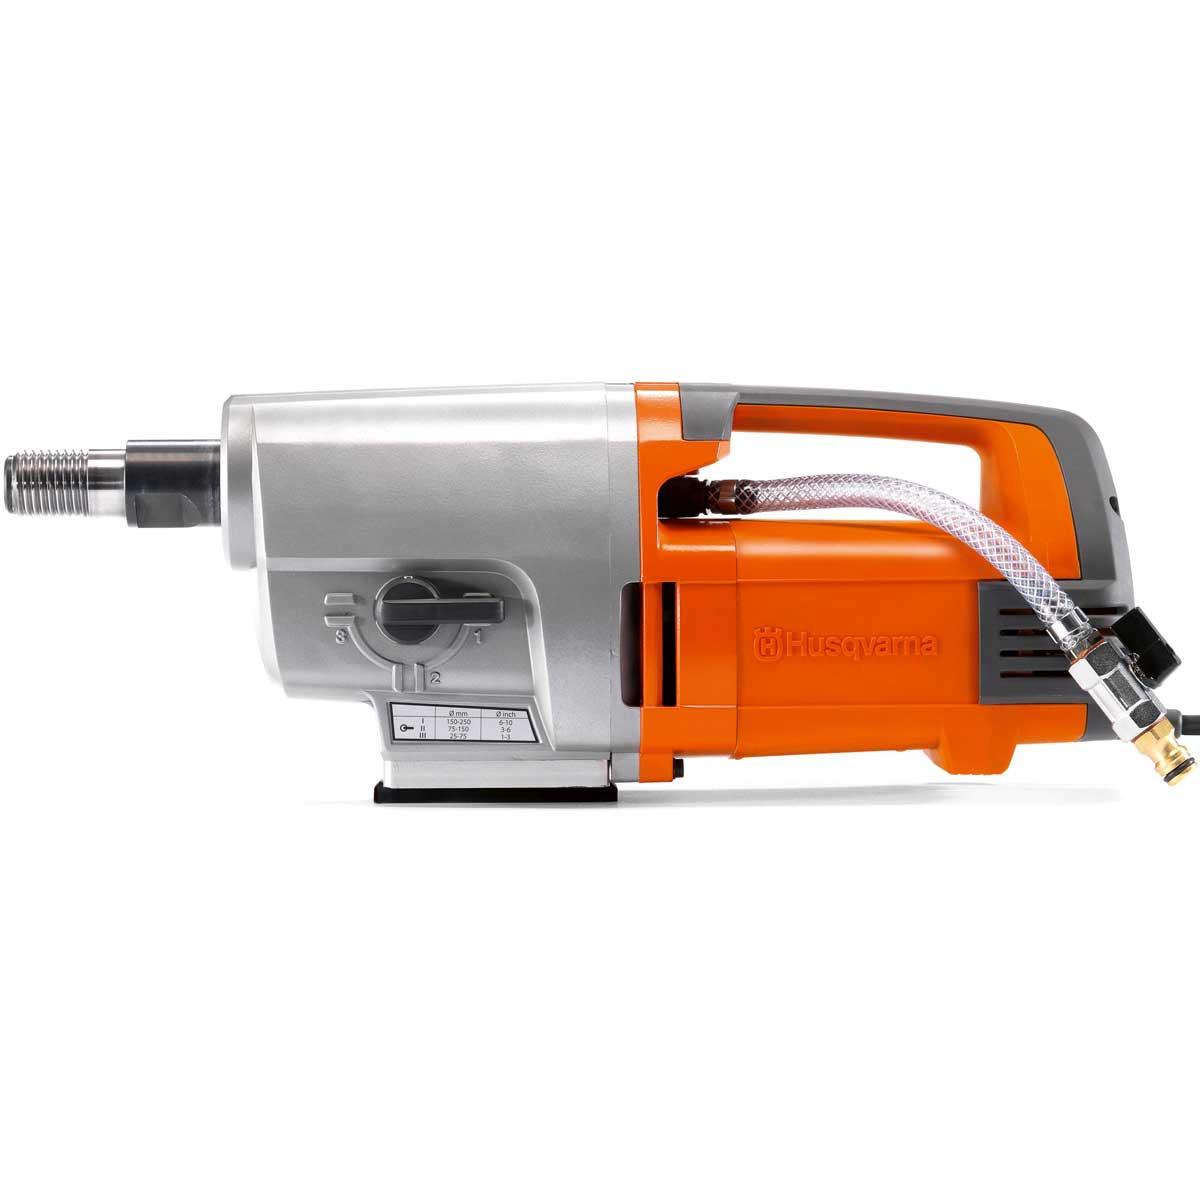 Husqvarna DM340 Motor Drill